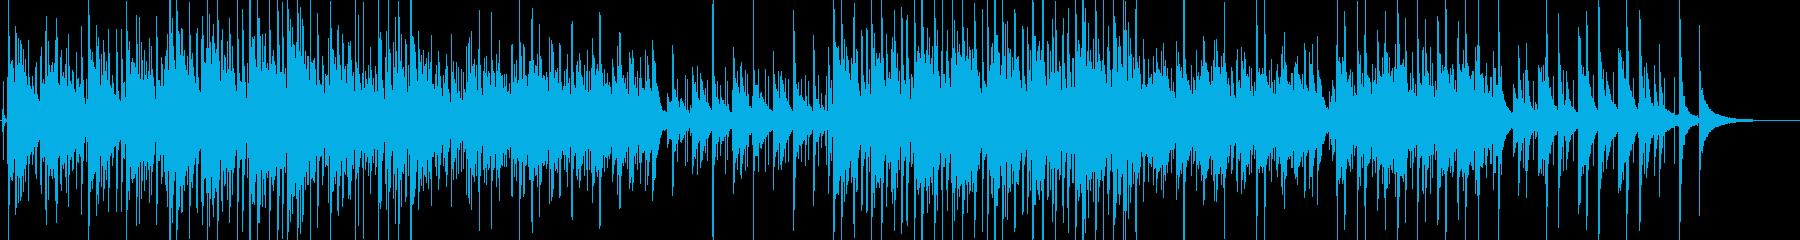 ゆったりしたアコースティックギターソングの再生済みの波形